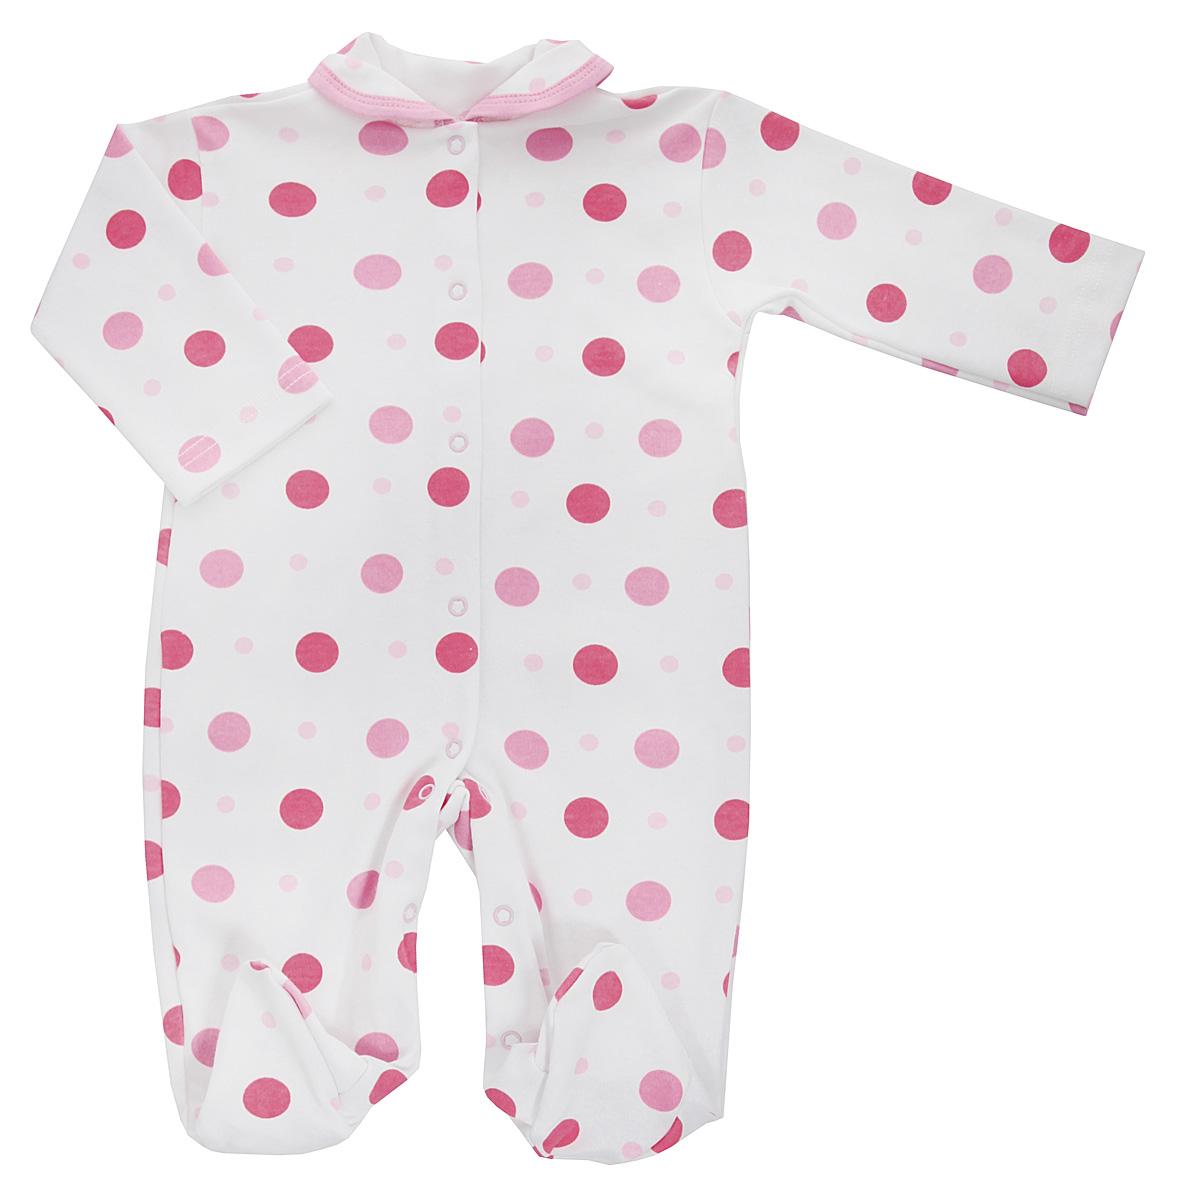 Комбинезон детский Трон-плюс, цвет: белый, розовый. 5815_горох. Размер 74, 9 месяцев5815_горохДетский комбинезон Трон-Плюс - очень удобный и практичный вид одежды для малышей. Комбинезон выполнен из интерлока - натурального хлопка, благодаря чему он необычайно мягкий и приятный на ощупь, не раздражает нежную кожу ребенка, и хорошо вентилируются, а эластичные швы приятны телу младенца и не препятствуют его движениям. Комбинезон с длинными рукавами, закрытыми ножками и отложным воротничком имеет застежки-кнопки от горловины до щиколоток, которые помогают легко переодеть ребенка или сменить подгузник. Воротник по краю дополнен контрастной бейкой. Оформлено изделие ненавязчивым гороховым принтом. С детским комбинезоном спинка и ножки вашего крохи всегда будут в тепле, он идеален для использования днем и незаменим ночью. Комбинезон полностью соответствует особенностям жизни младенца в ранний период, не стесняя и не ограничивая его в движениях!